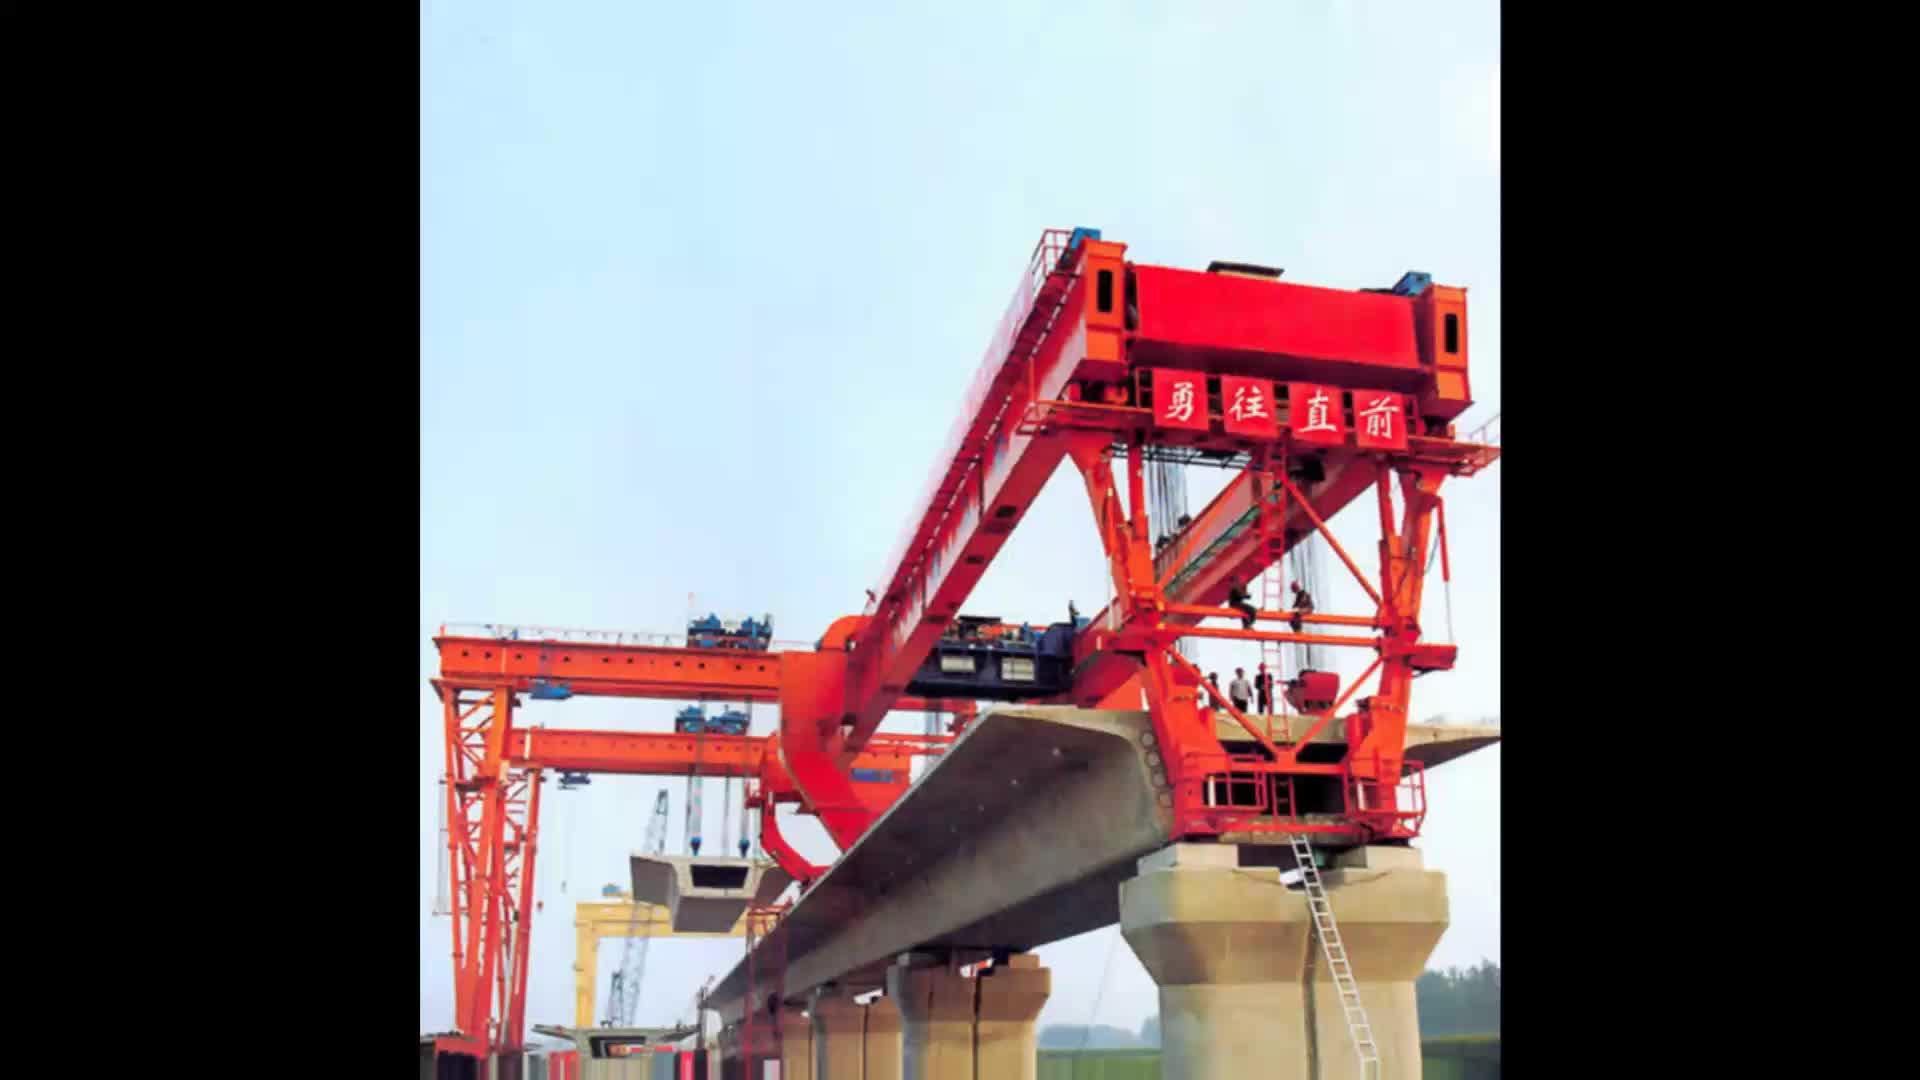 200t steel beam launcher overhead bridge crane \ crane in bridge construction